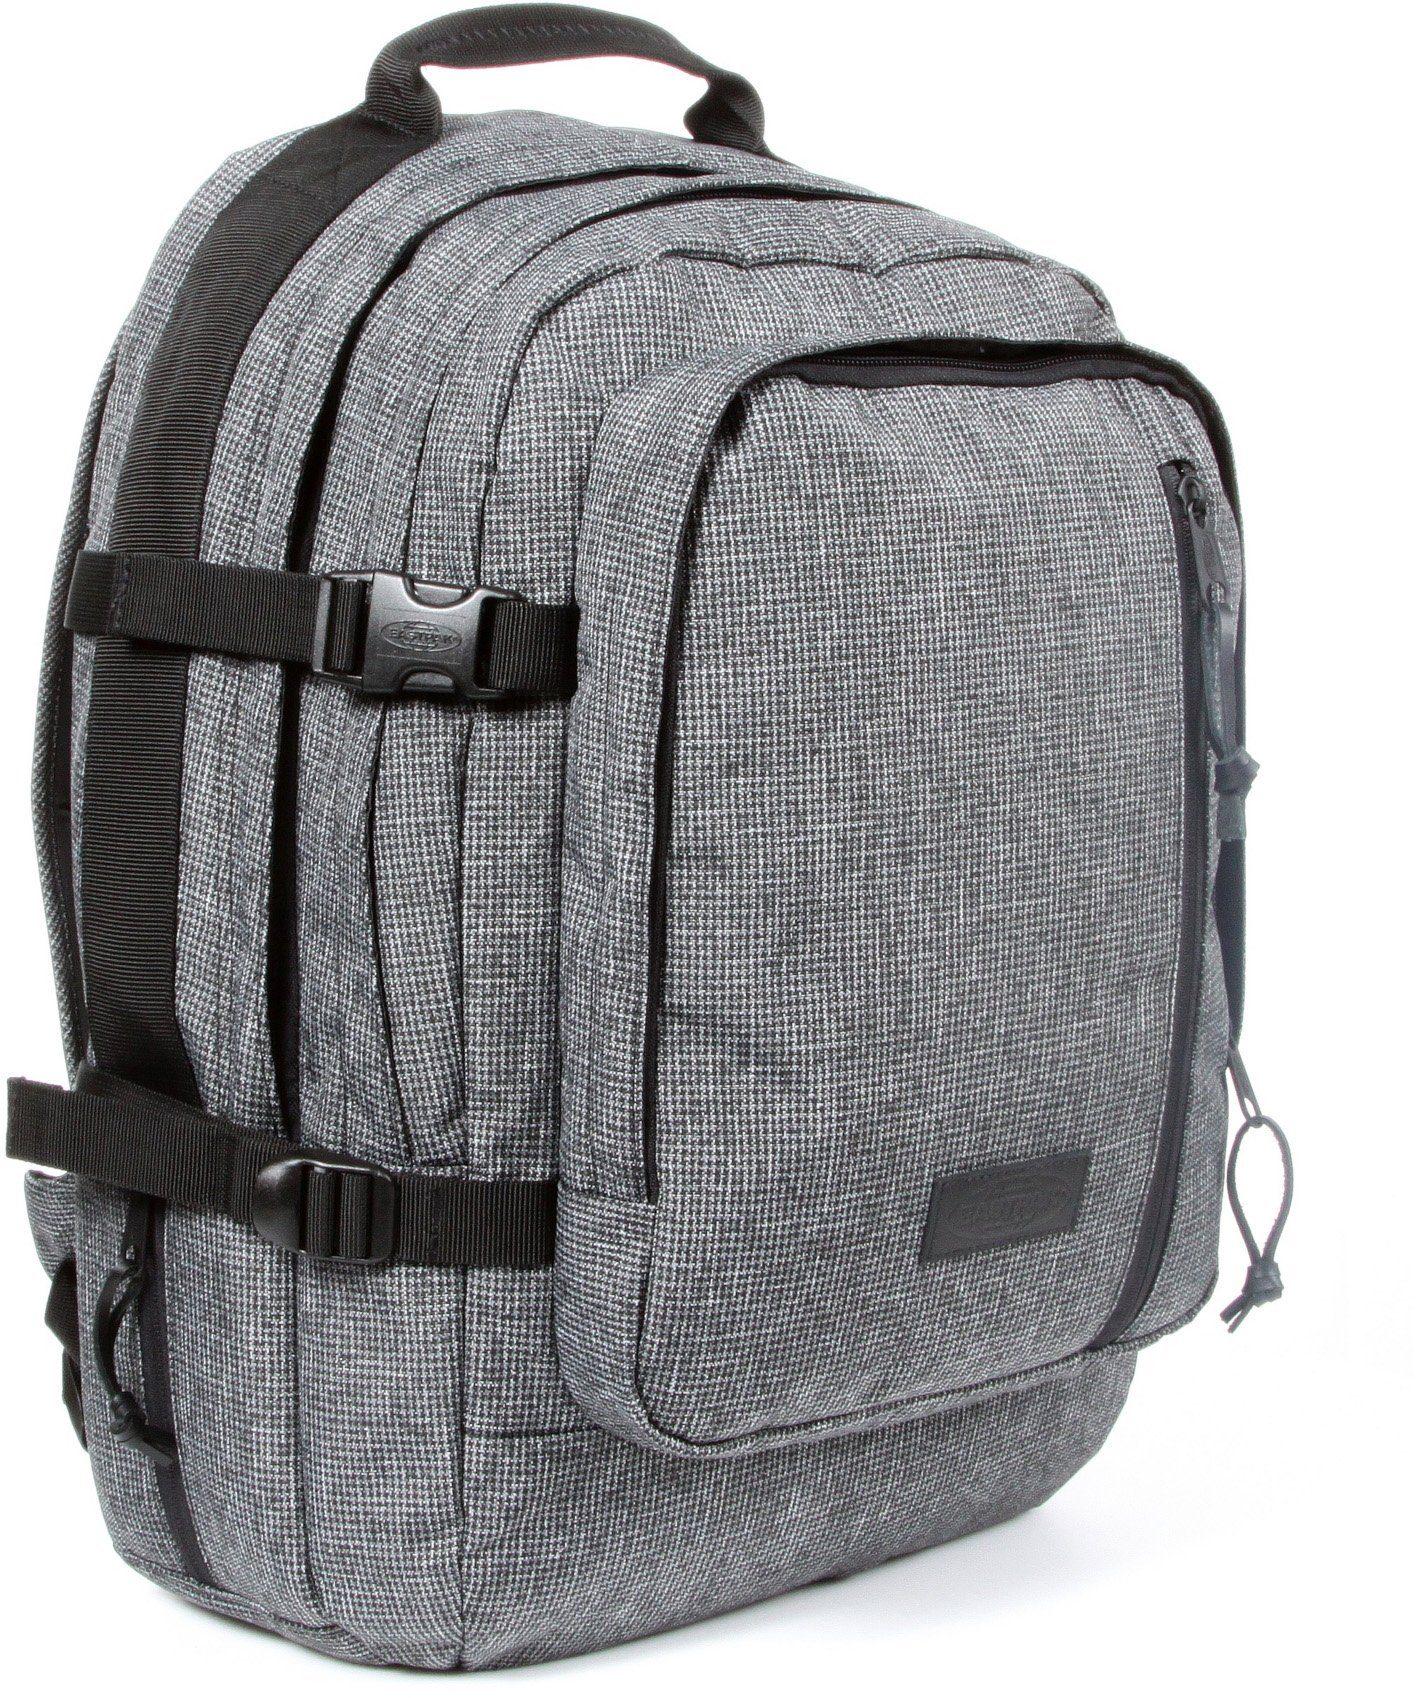 Eastpak Rucksack mit Laptopfach, »VOLKER ash blend«